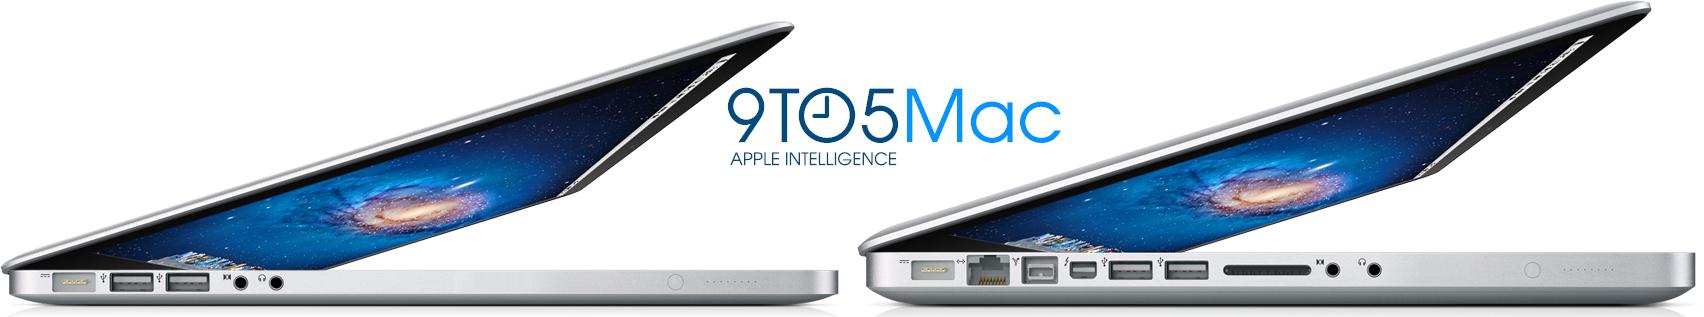 Mockup de novos MacBooks Pro mais finos